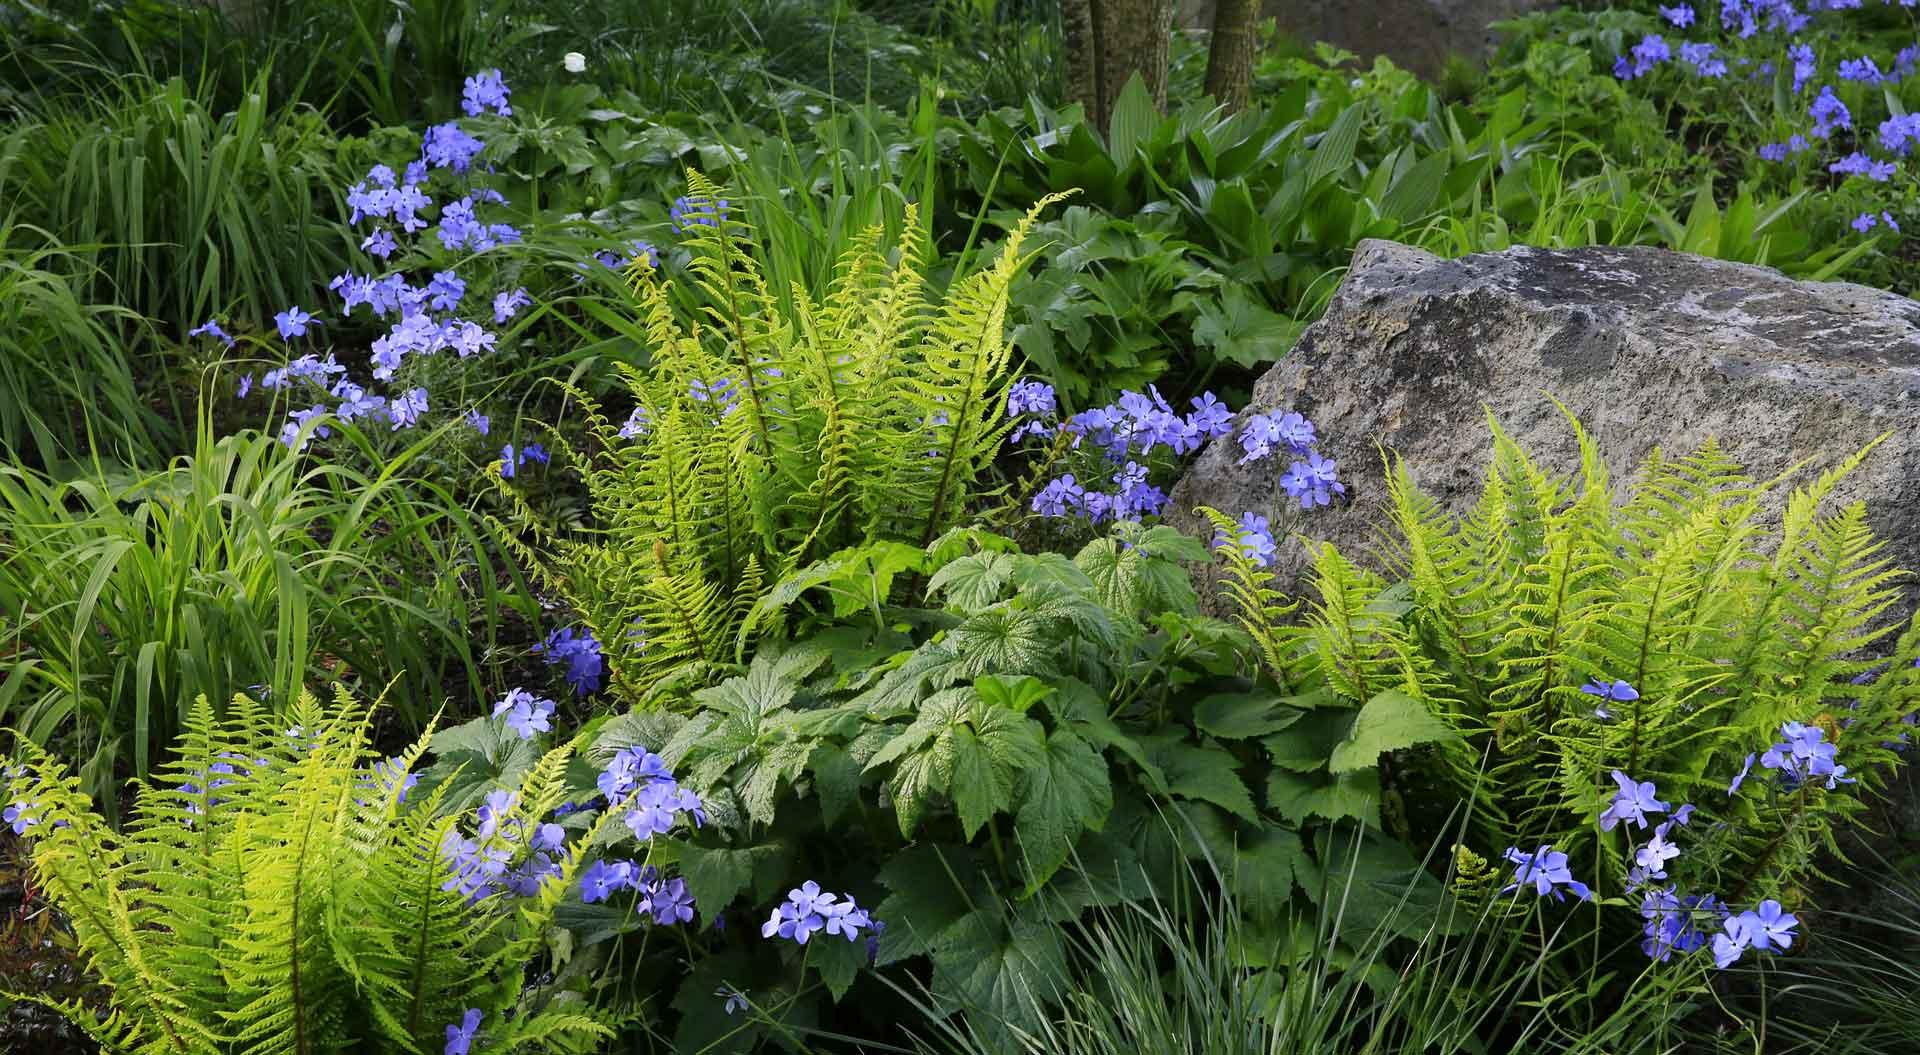 Nahaufnahme von schön kombinierten Gräsern, Blumen und Steinen